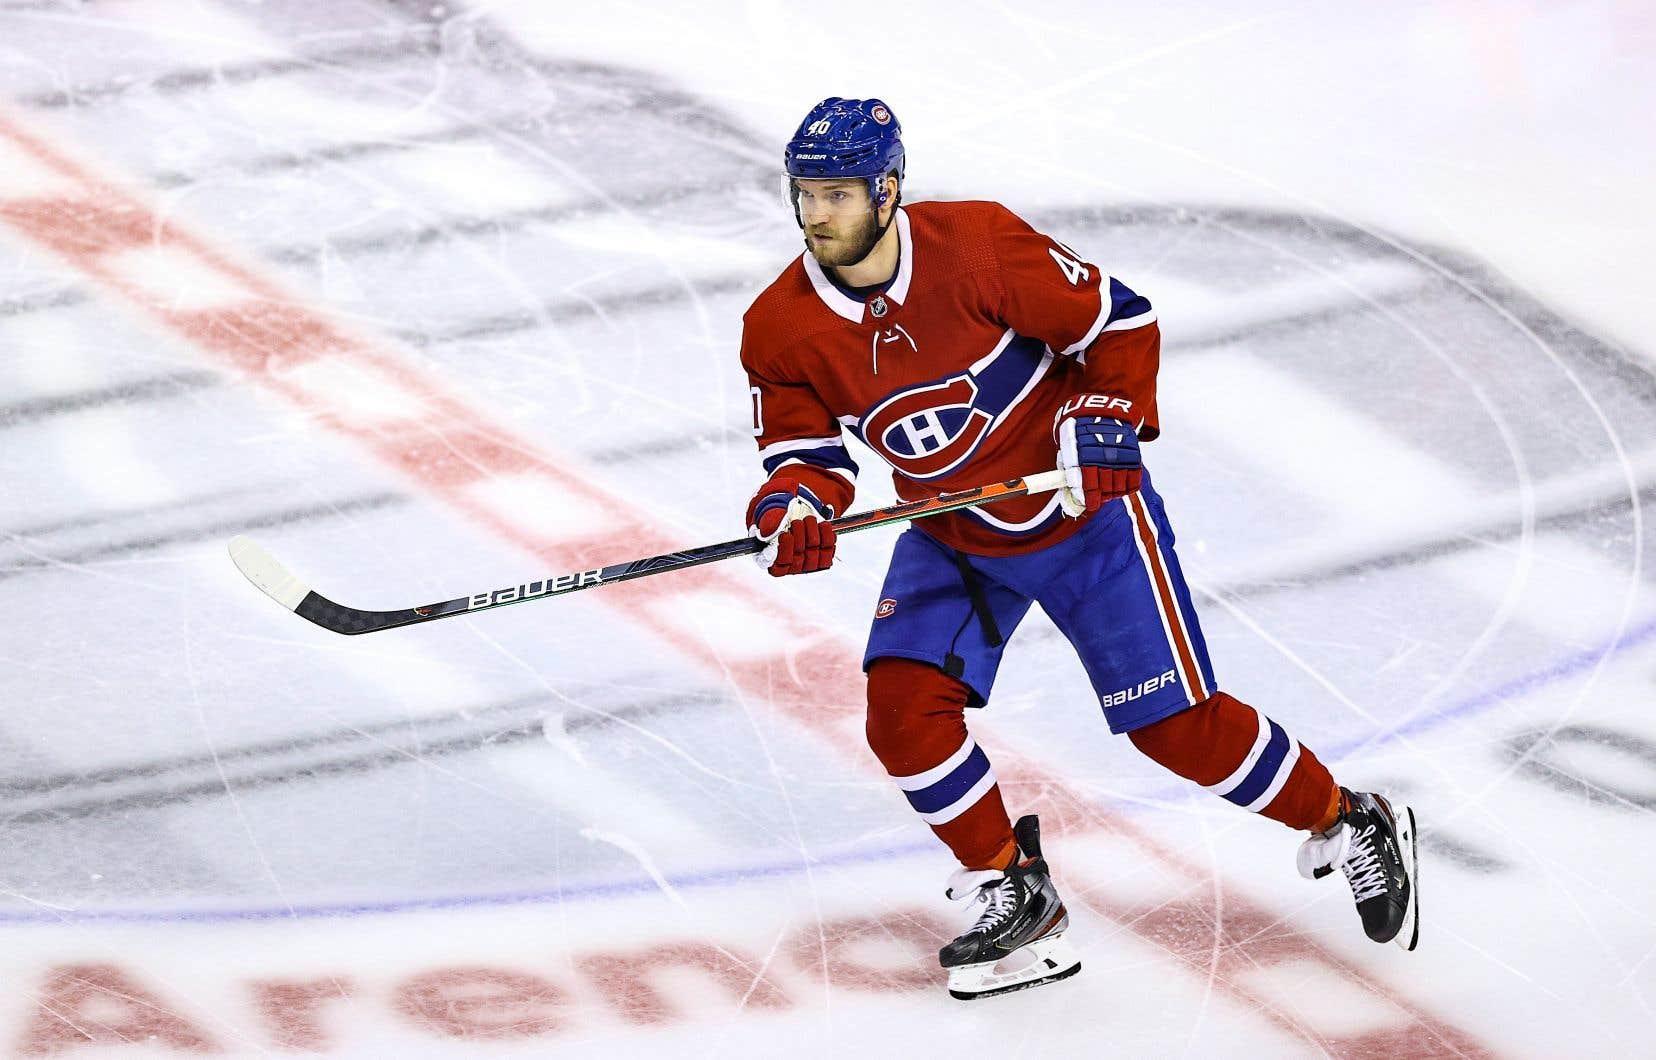 Selon le calendrier de la LNH, le Canadien de Montréal doit lancer sa saison le 13janvier, contre les Maple Leafs à Toronto.